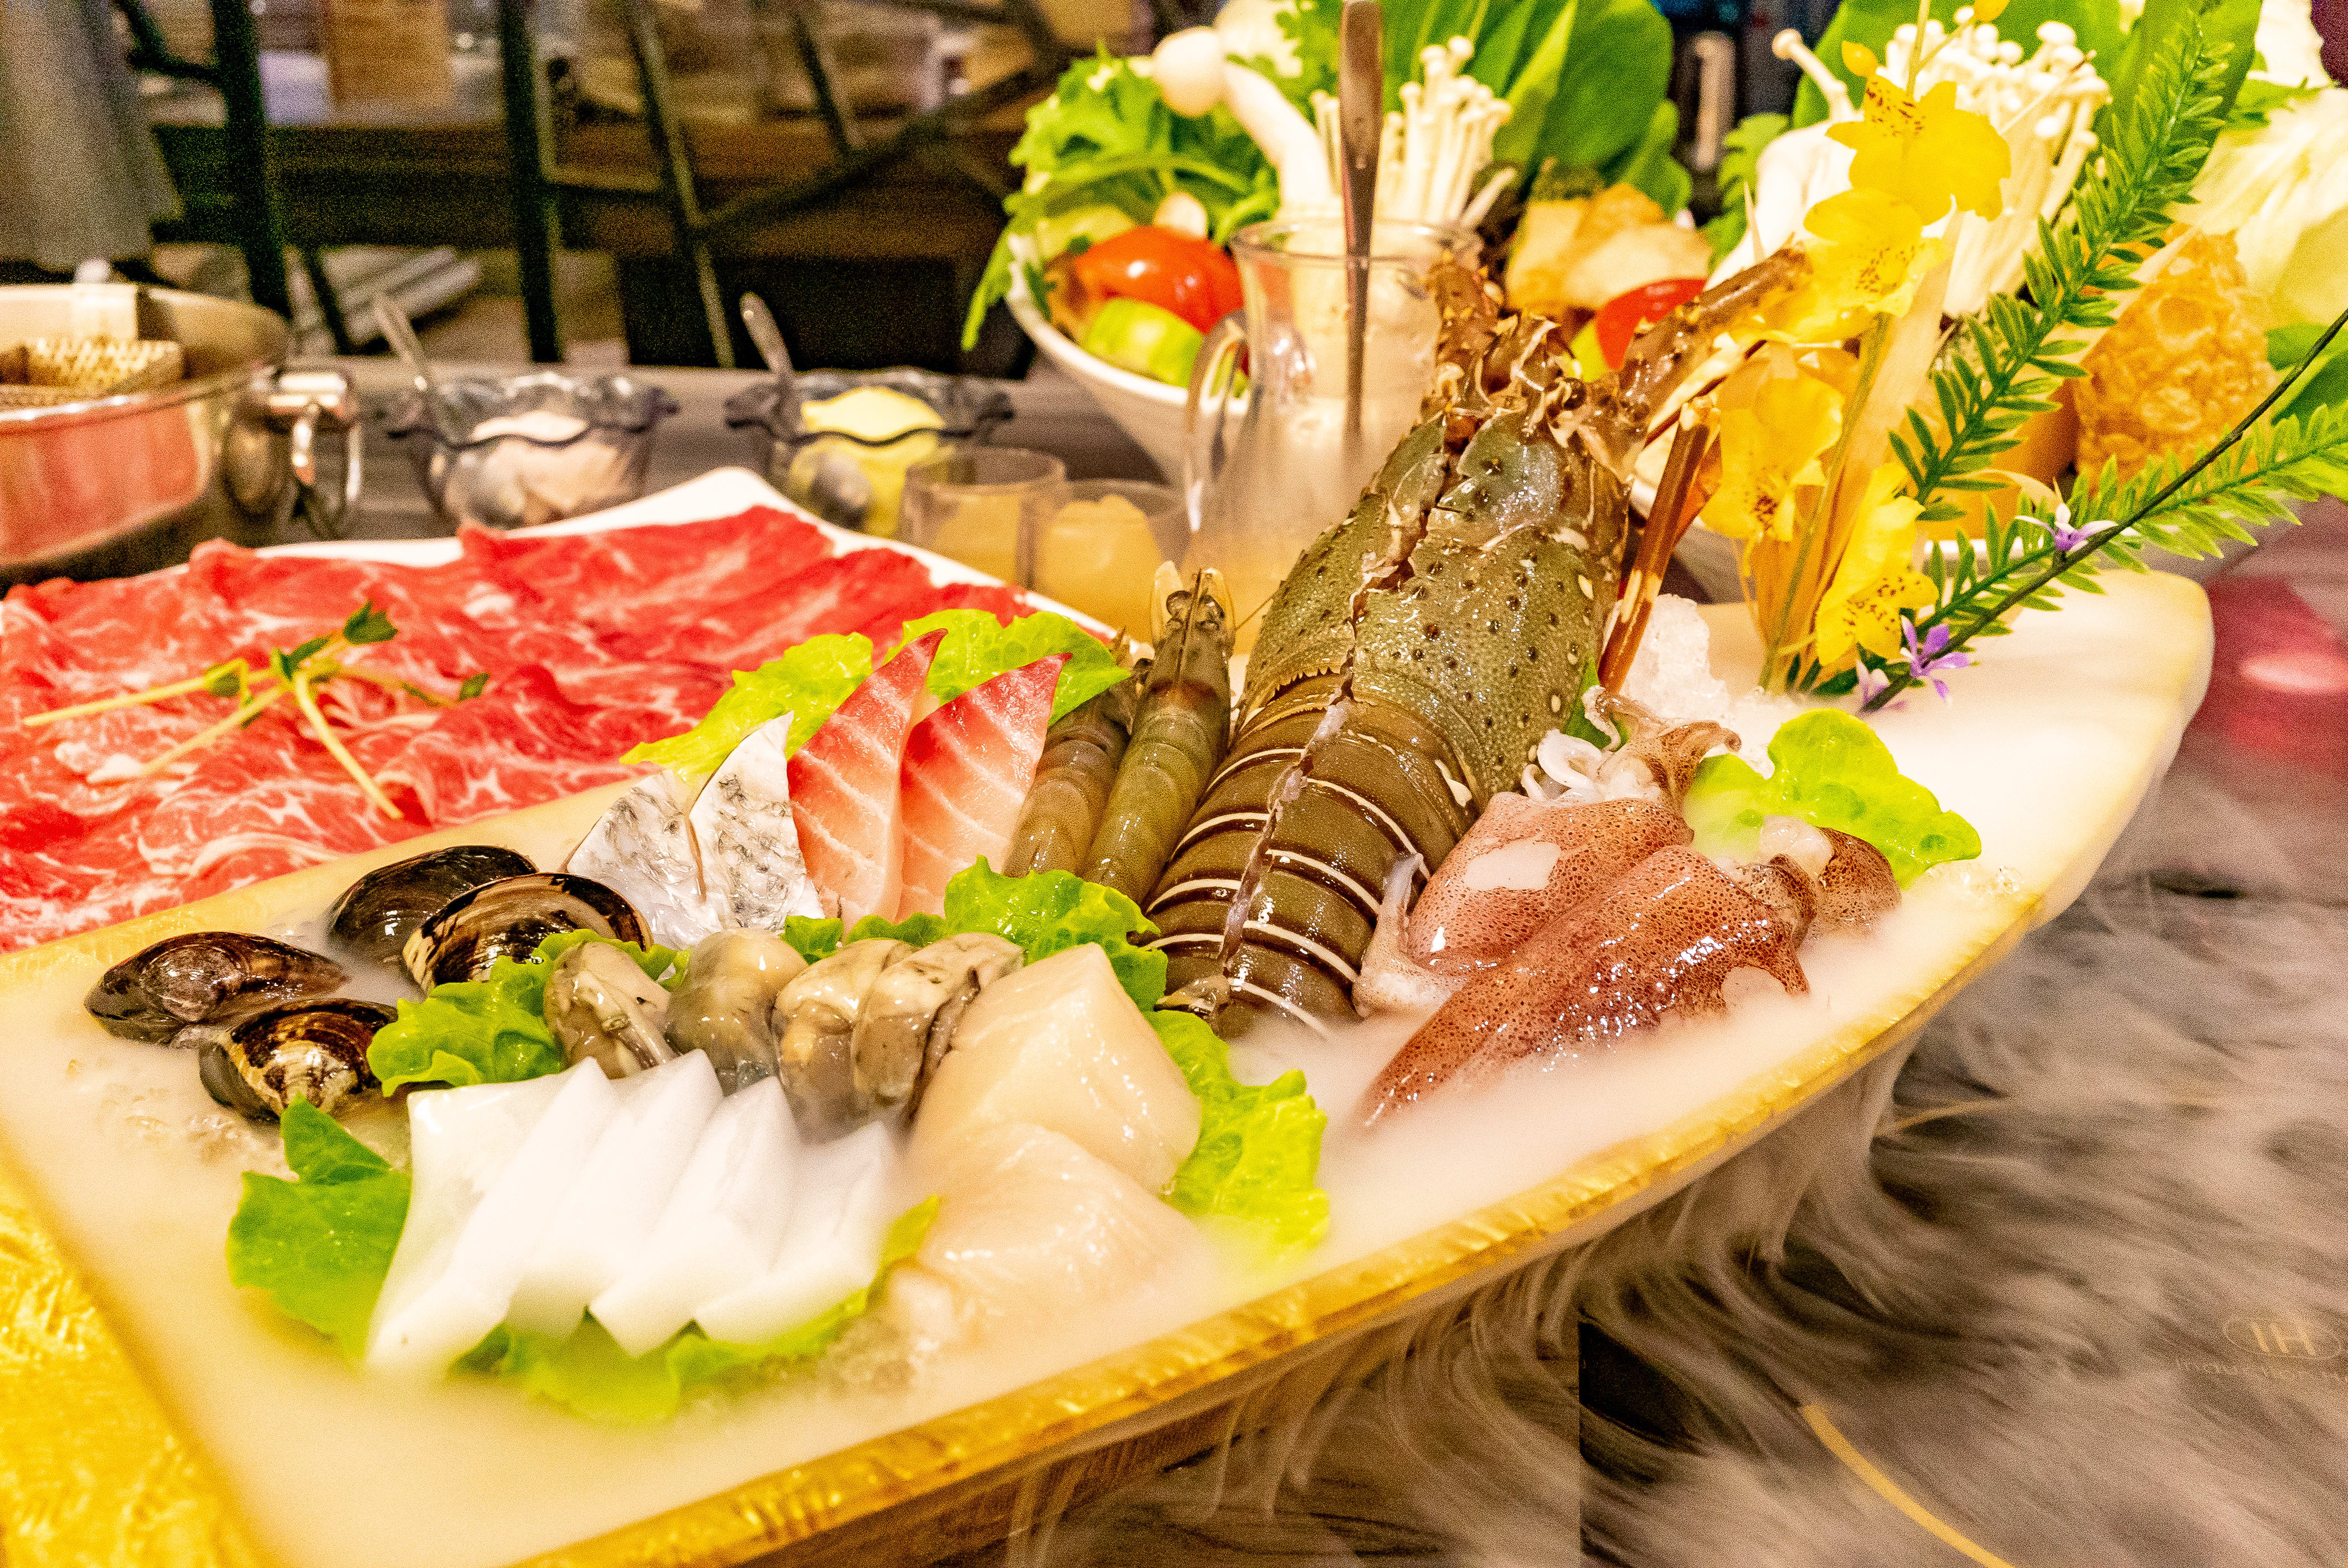 龍蝦、北海道干貝、根島生態蝦、明蝦、天使紅蝦、藍蝦、魚片、蛤蜊、小捲,龍蝦